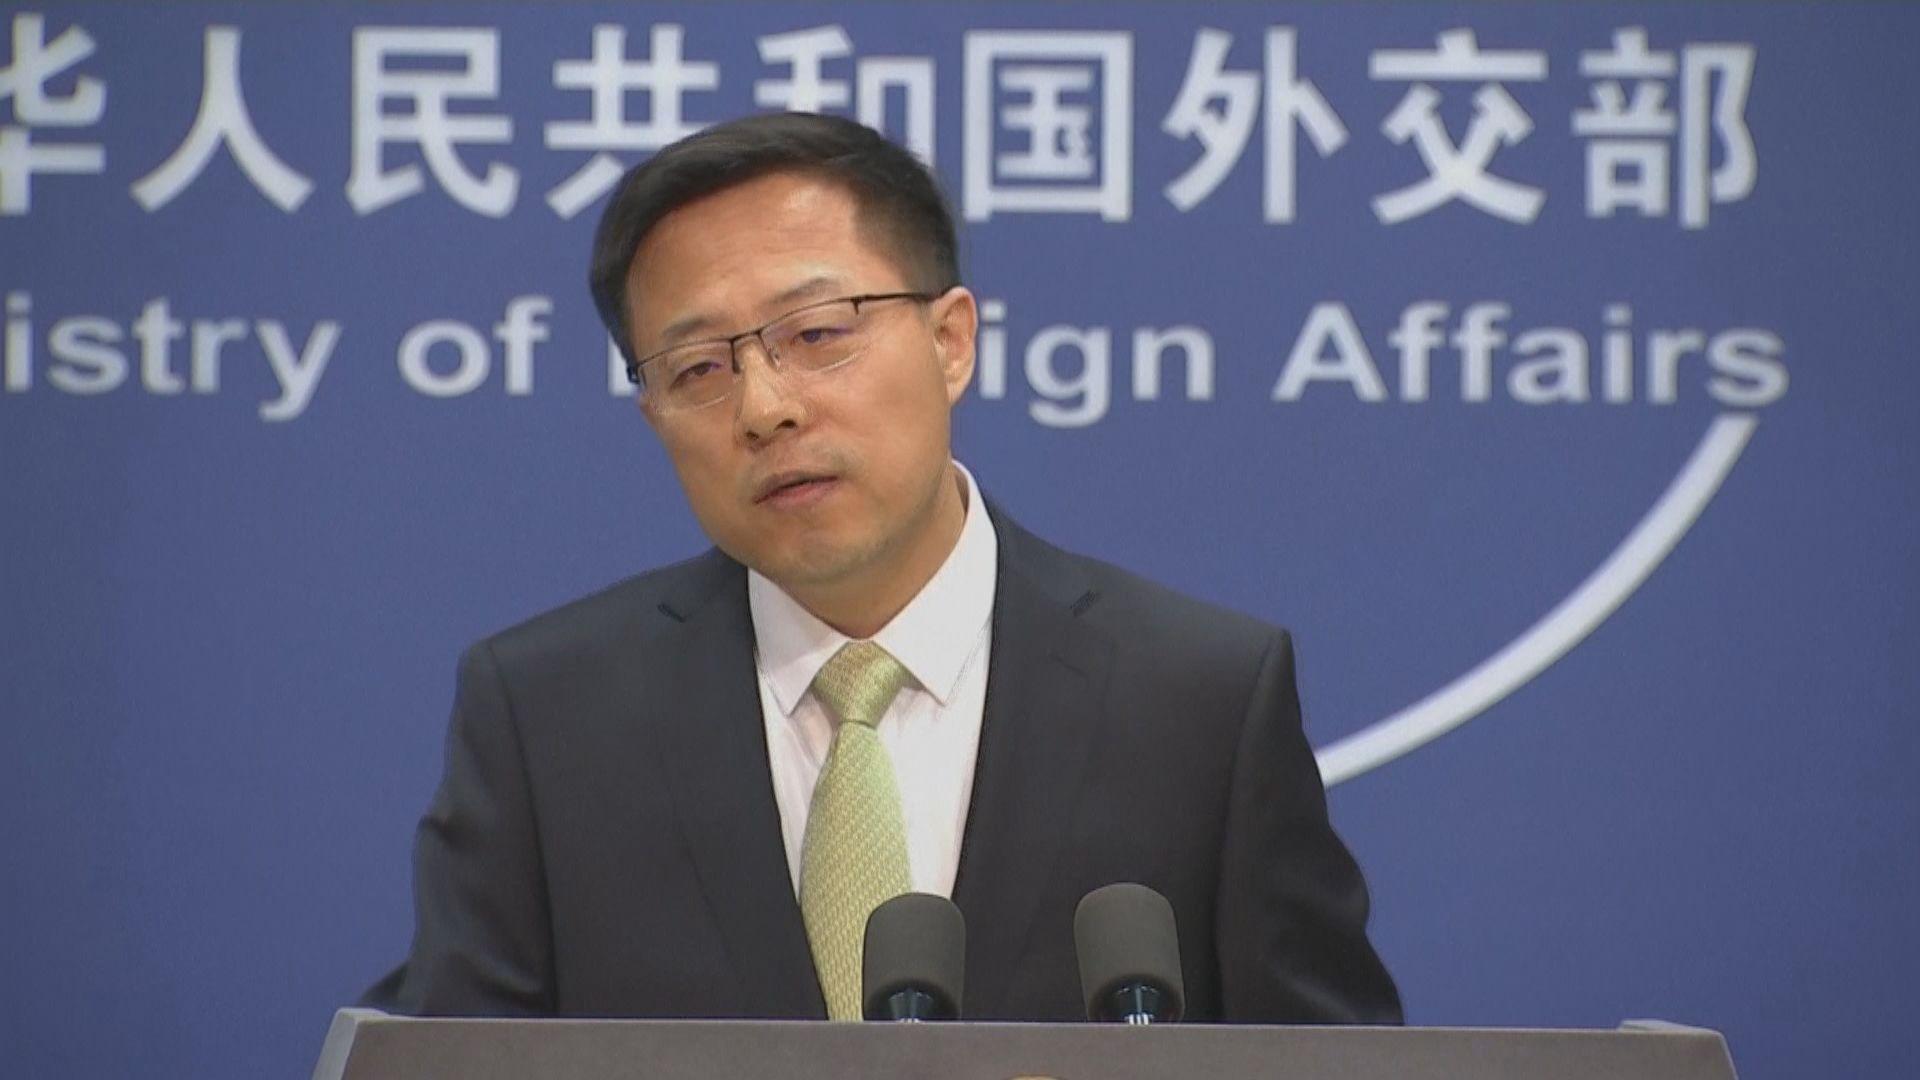 外交部:中方繼續支持世衛發揮關鍵領導作用